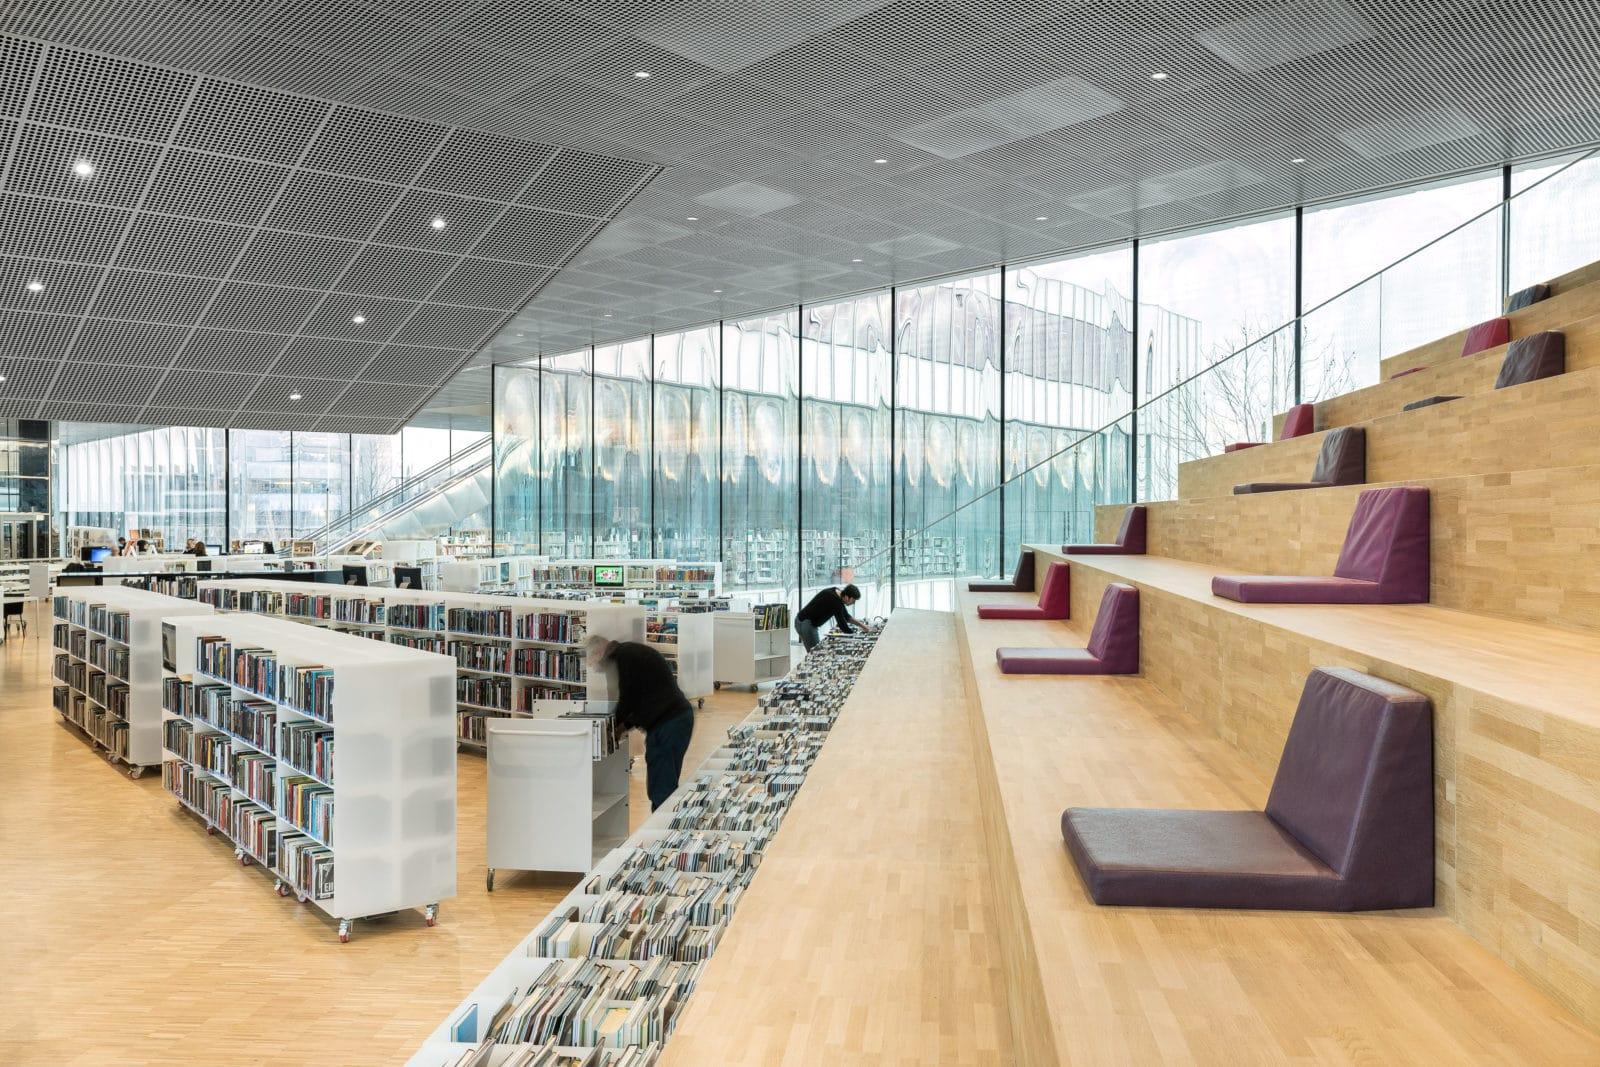 05_Bibliothèque Alexis de Tocqueville_ Photo by Delfino Sisto Legnani and Marco Cappelletti